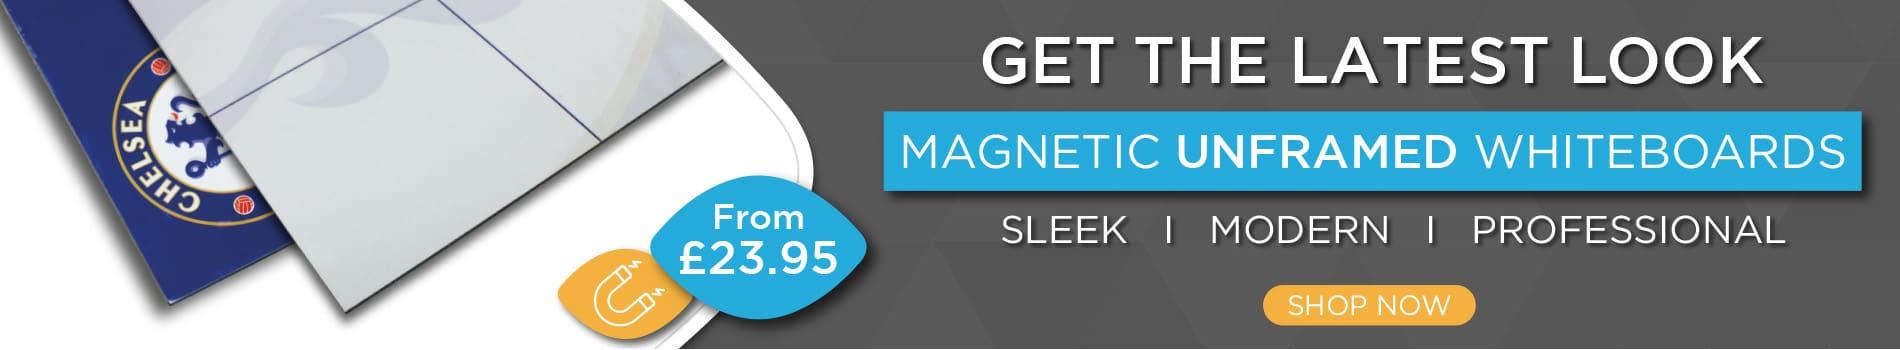 Magnetic Unframed Whiteboard